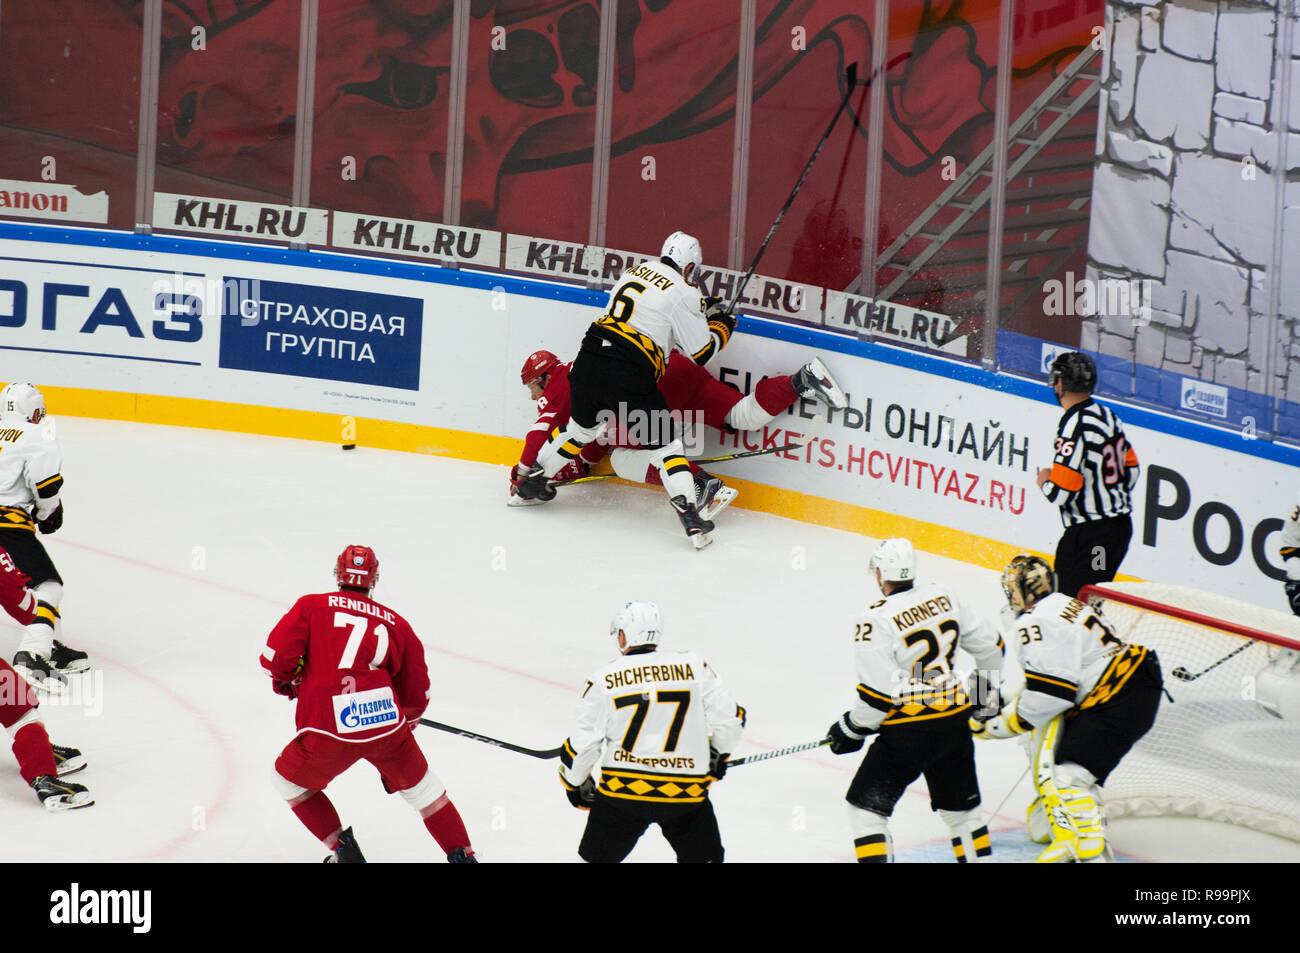 PODOLSK, RUSSIA - OCTOBER 16, 2018: V. Vasilyev (6) fault on A. Syomin (28) during hockey game Vityaz vs Severstal on Russia KHL championship on October 16, 2018, in Podolsk, Russia. Vityaz won 4:1 Stock Photo